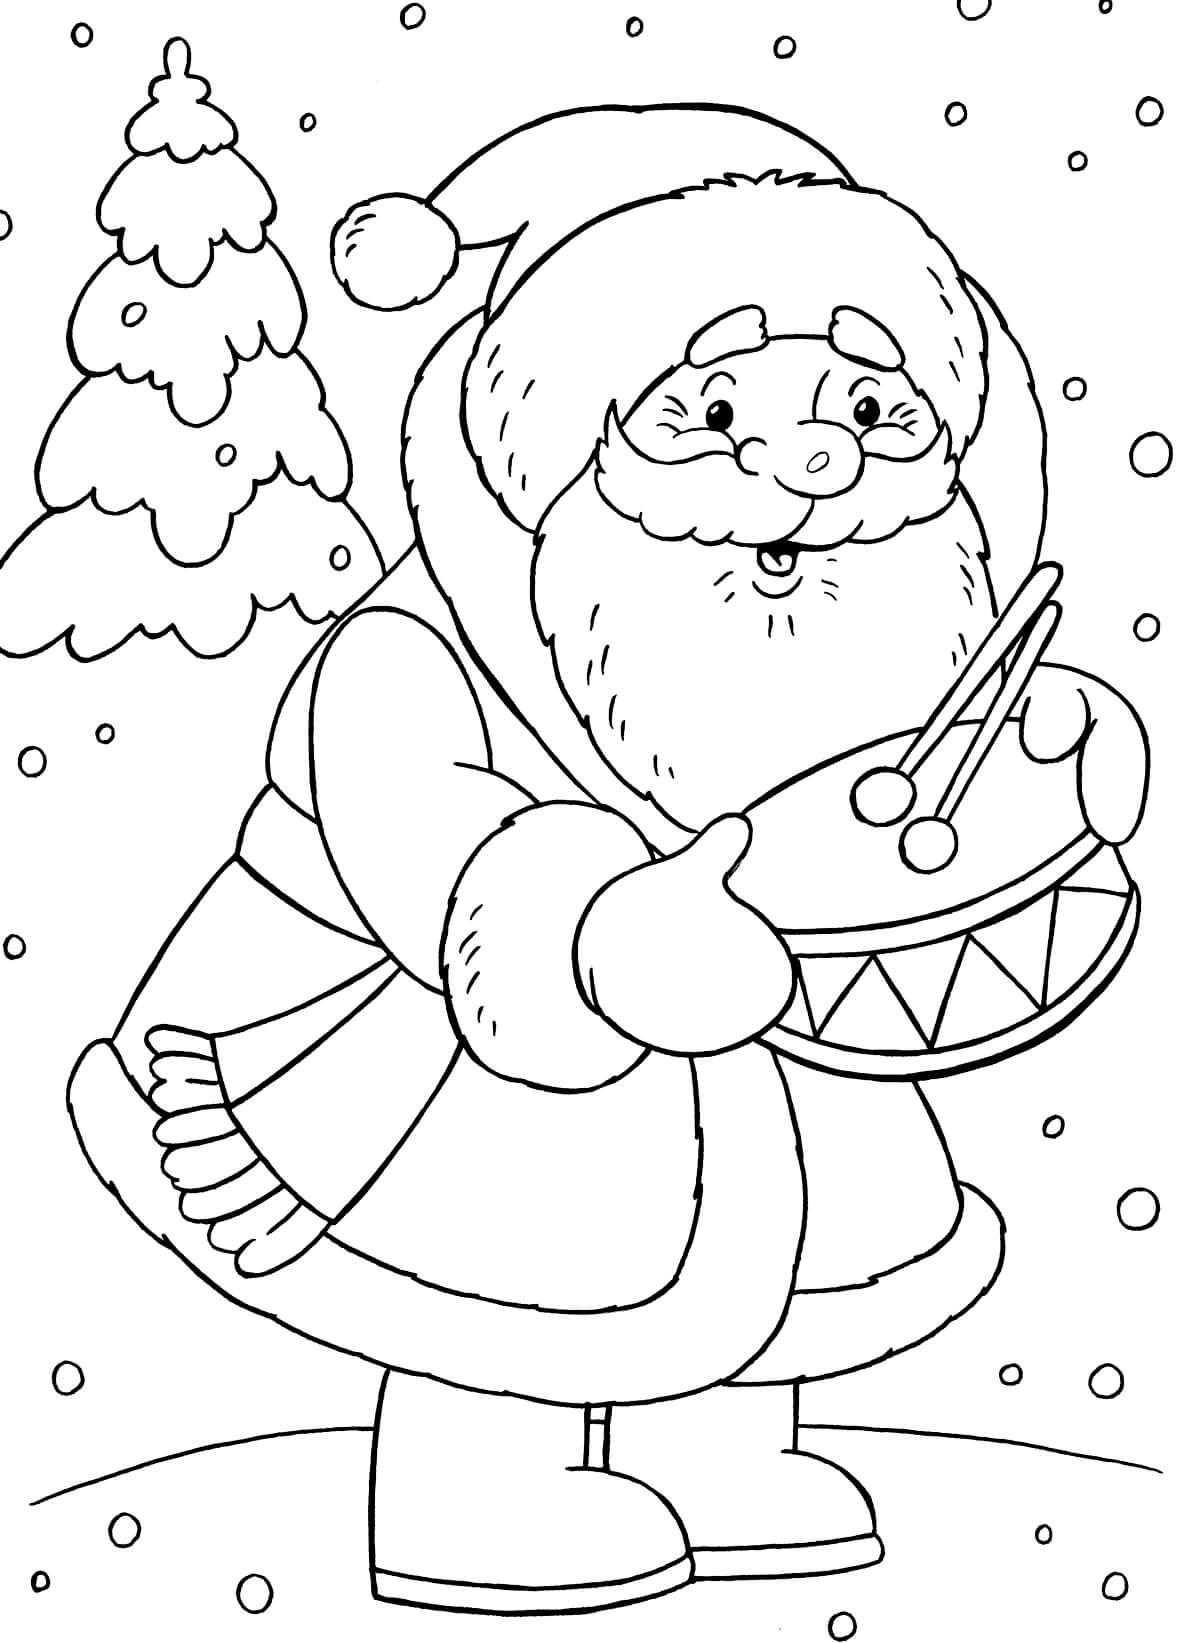 Раскраска Дед Мороз дарит барабан